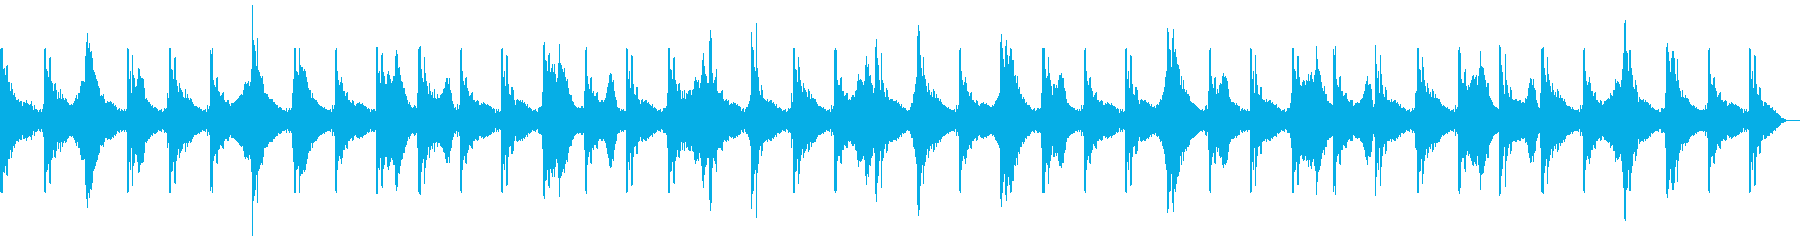 緊迫・洞窟・シリアス・SE2の再生済みの波形